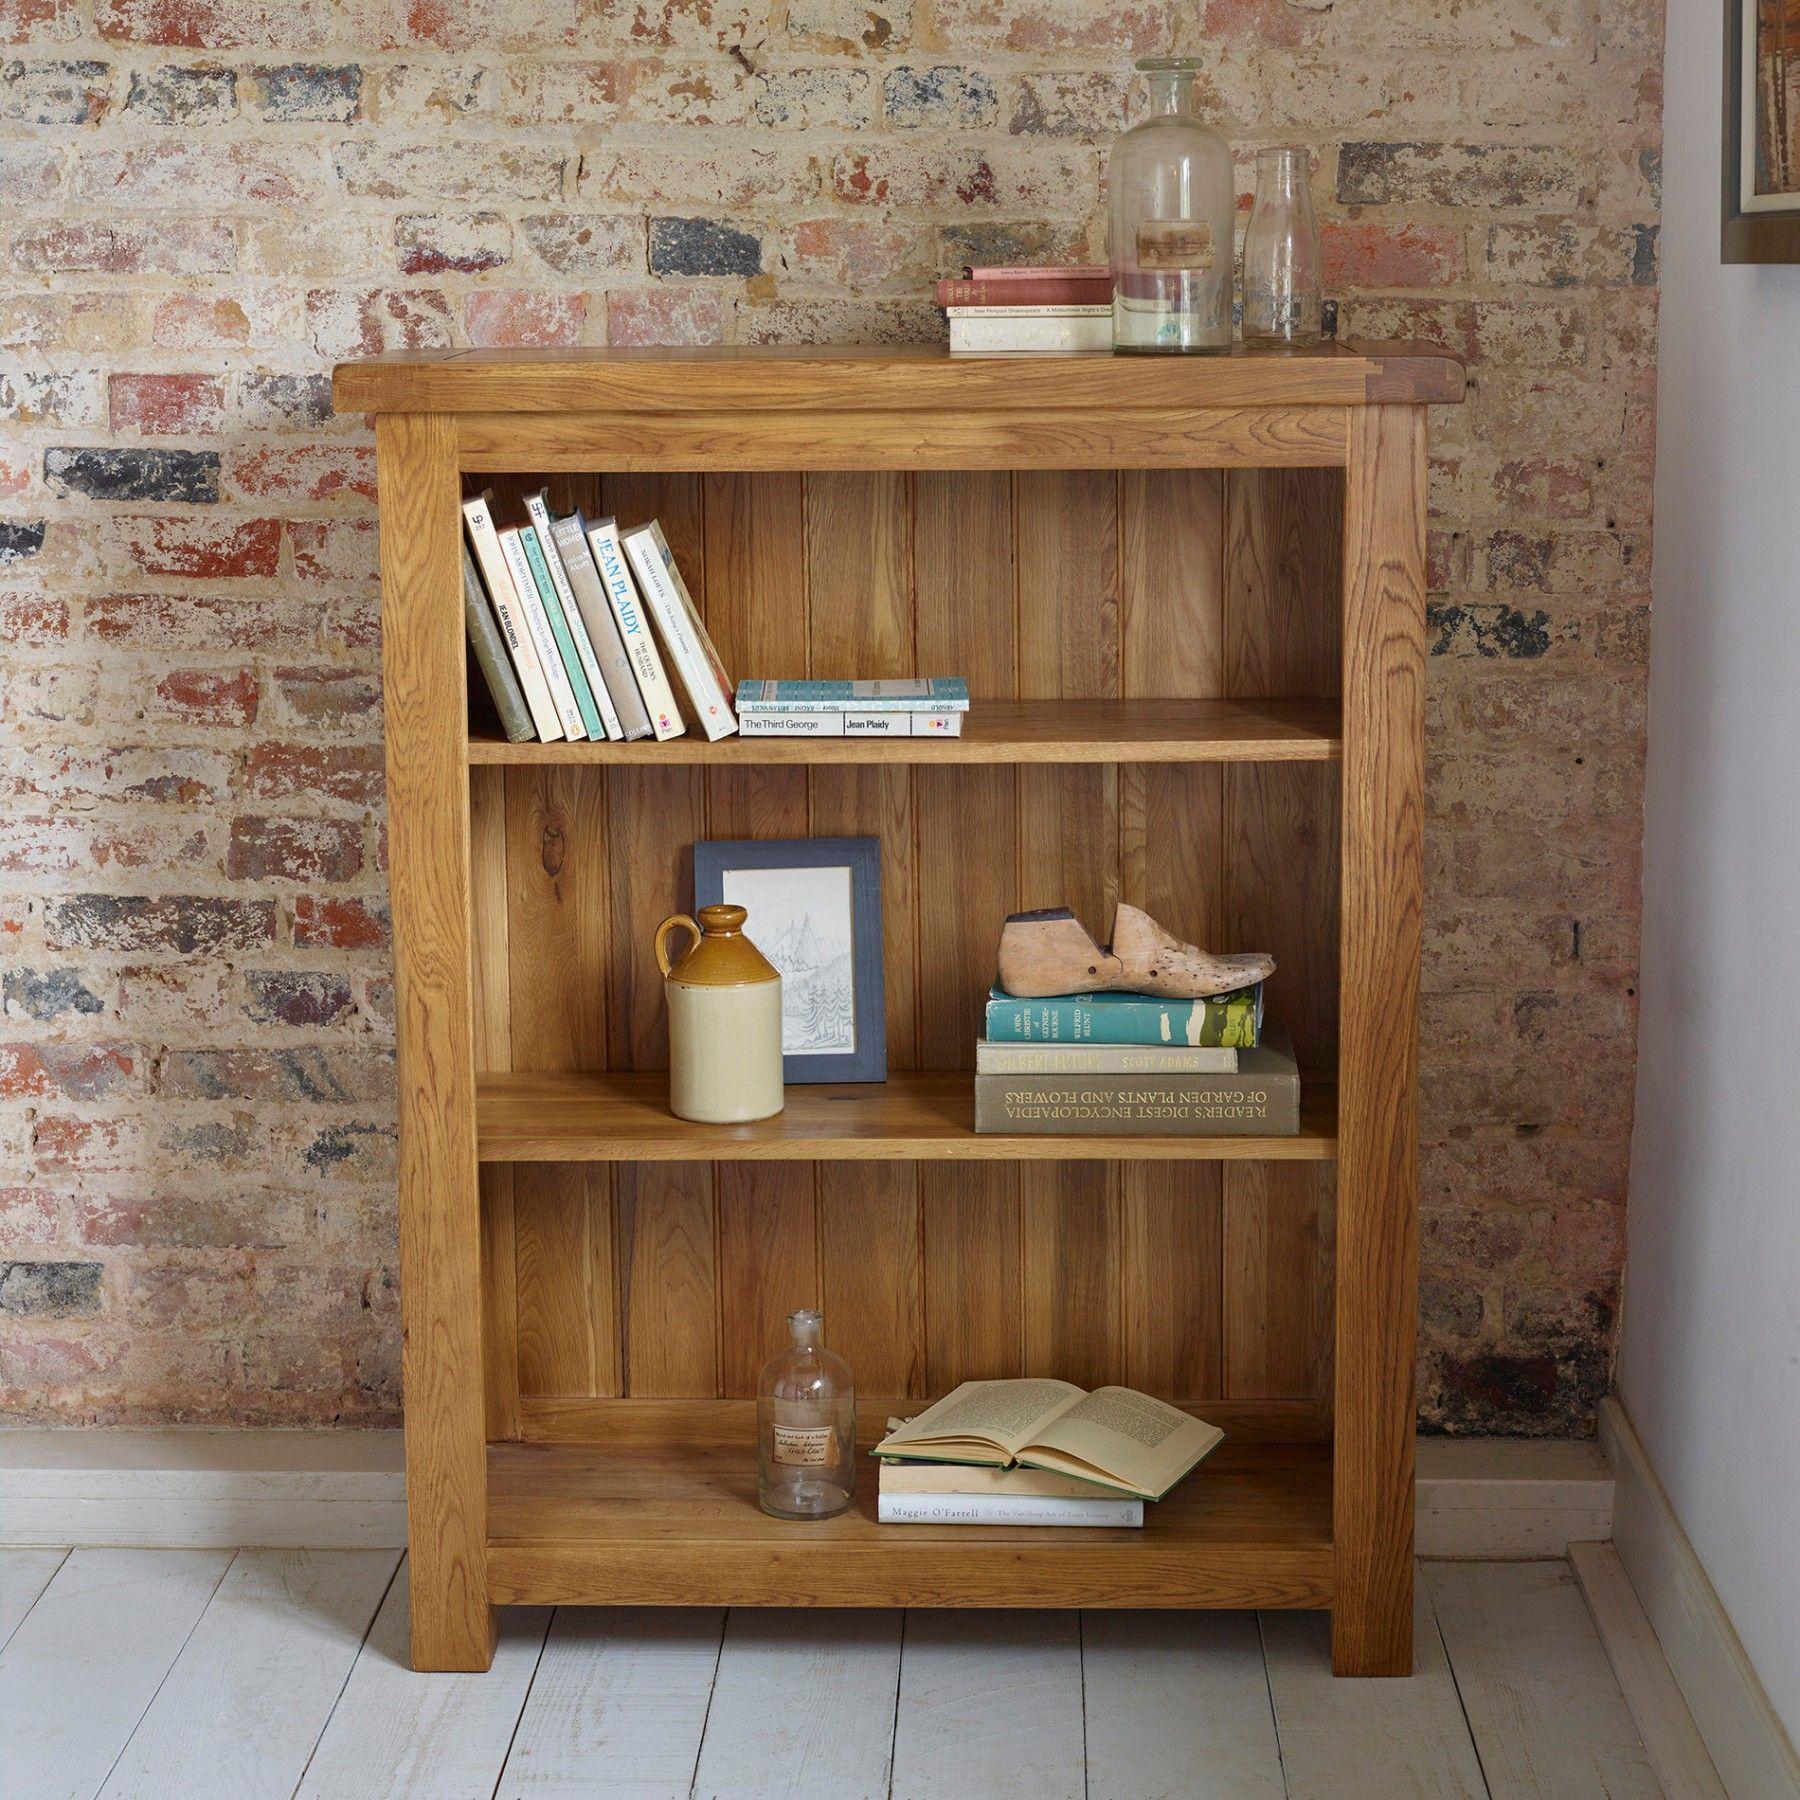 Original Rustic Solid Oak Small Bookcase Small Bookcase Solid